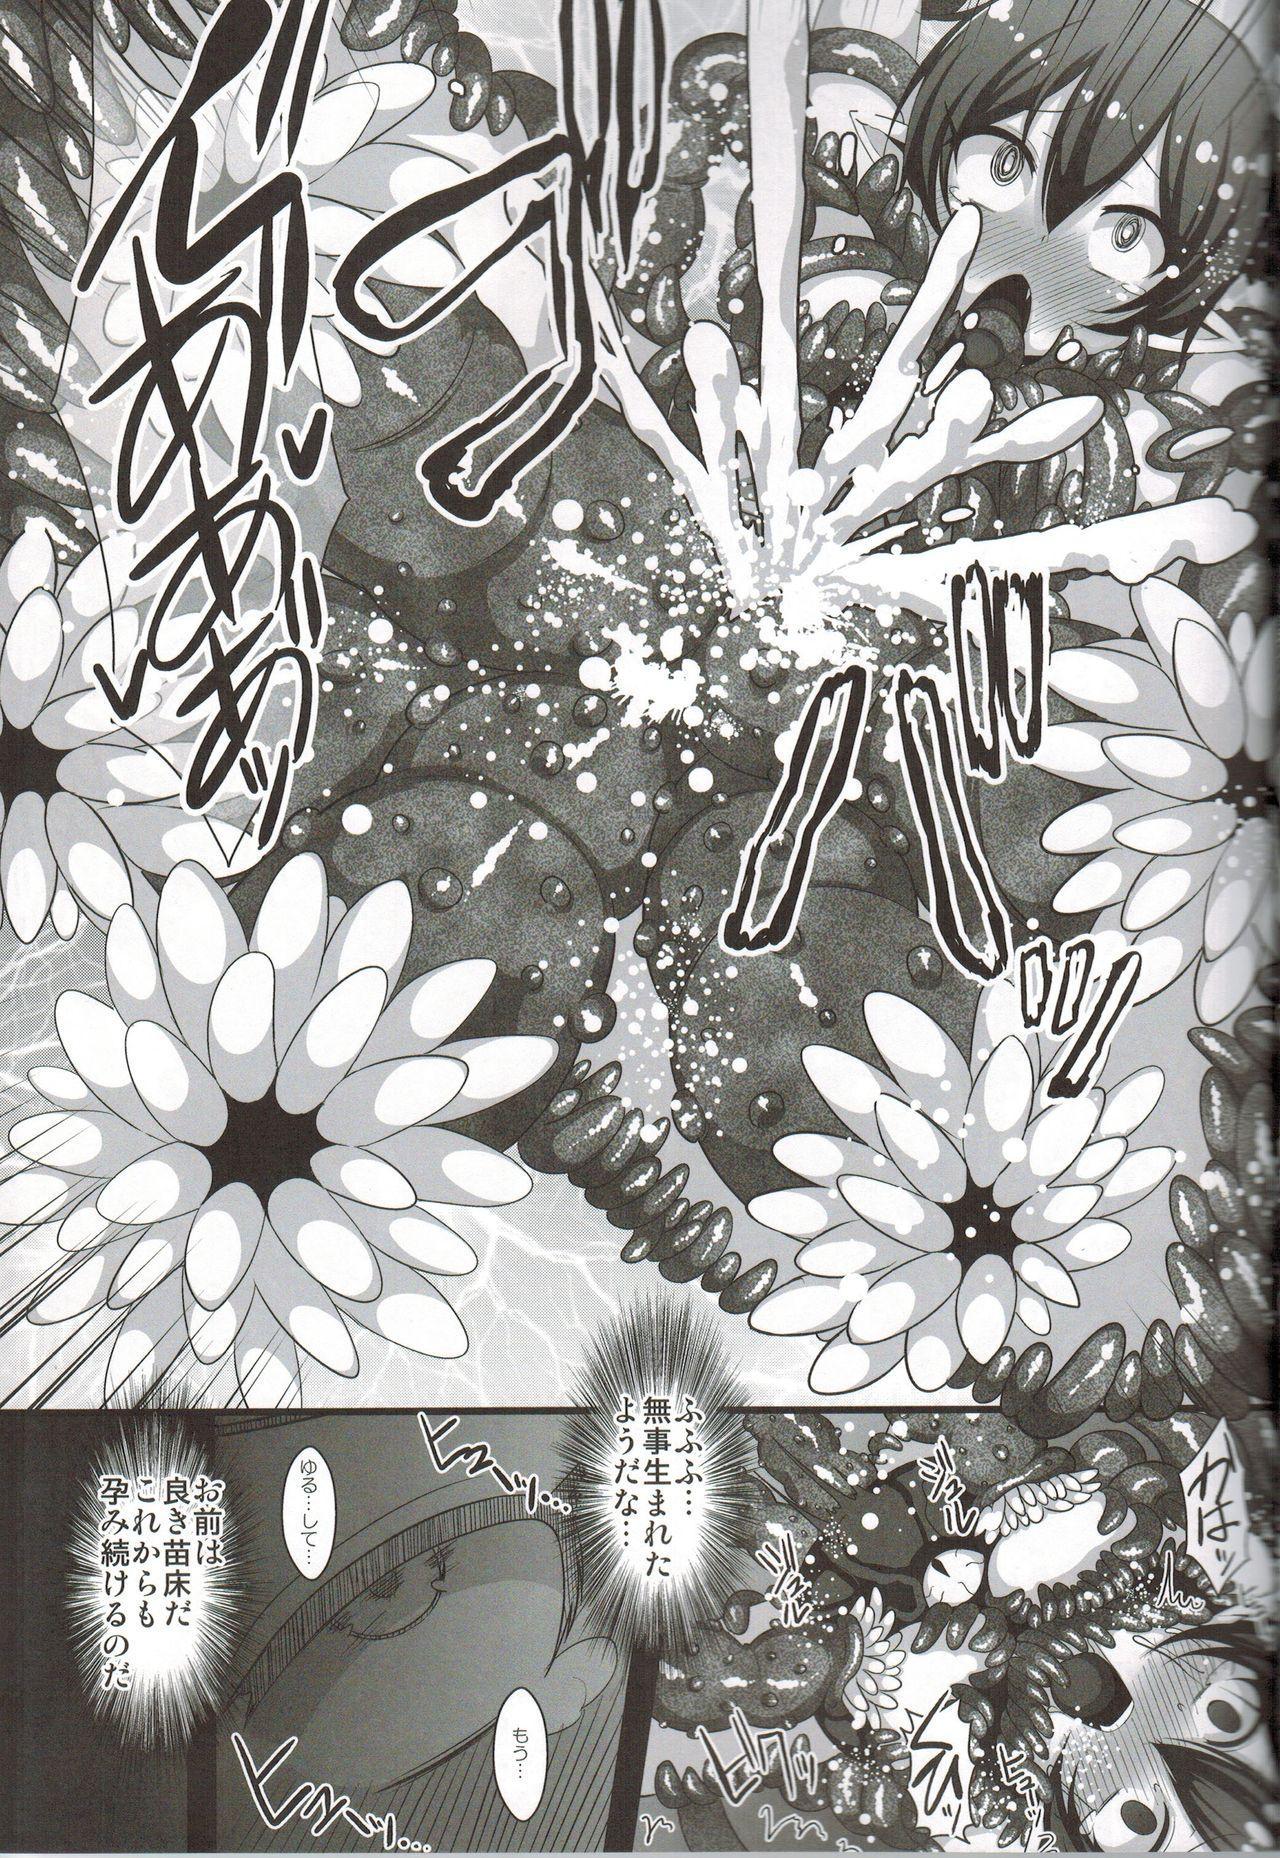 Shokushufuku de Mugen Zecchou 16